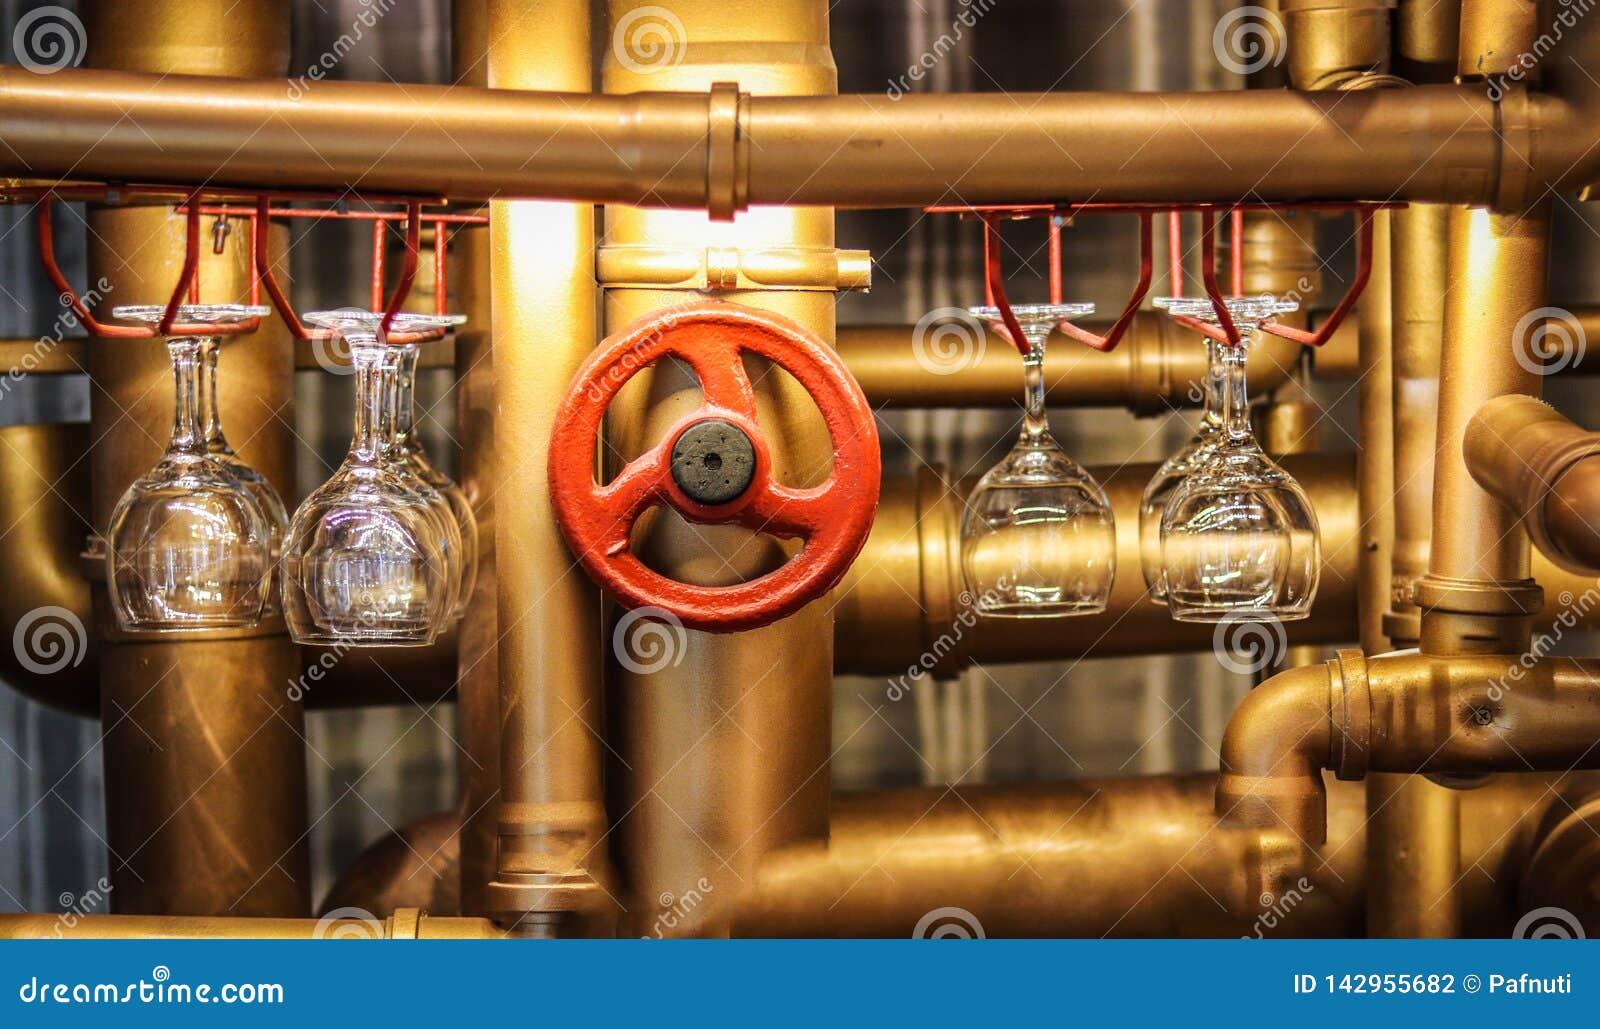 Barteller in de stijl van steampunk